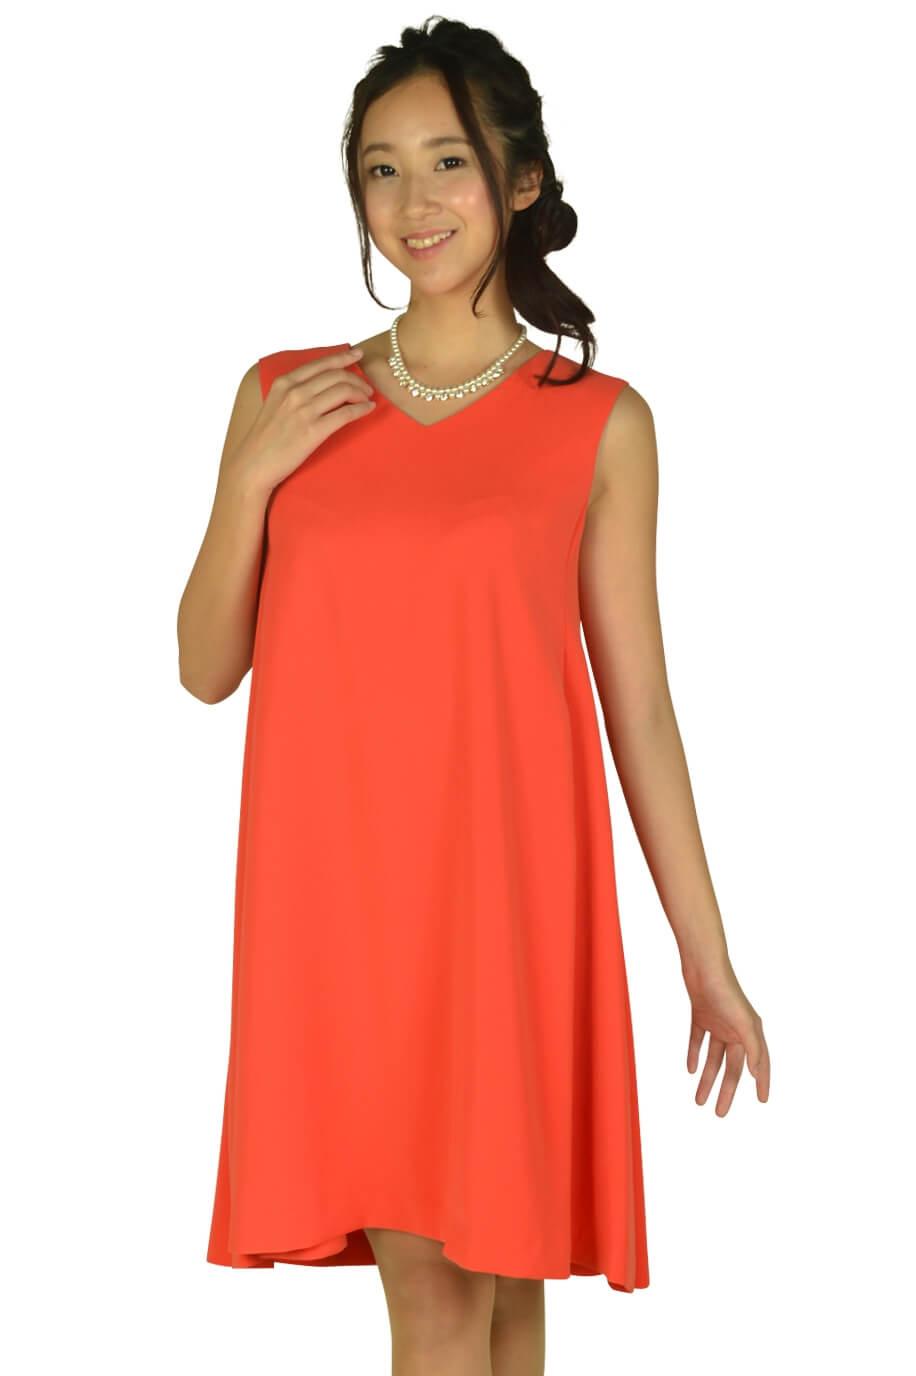 ストロベリーフィールズ(STRAWBERRY-FIELDS)VネックAラインオレンジドレス